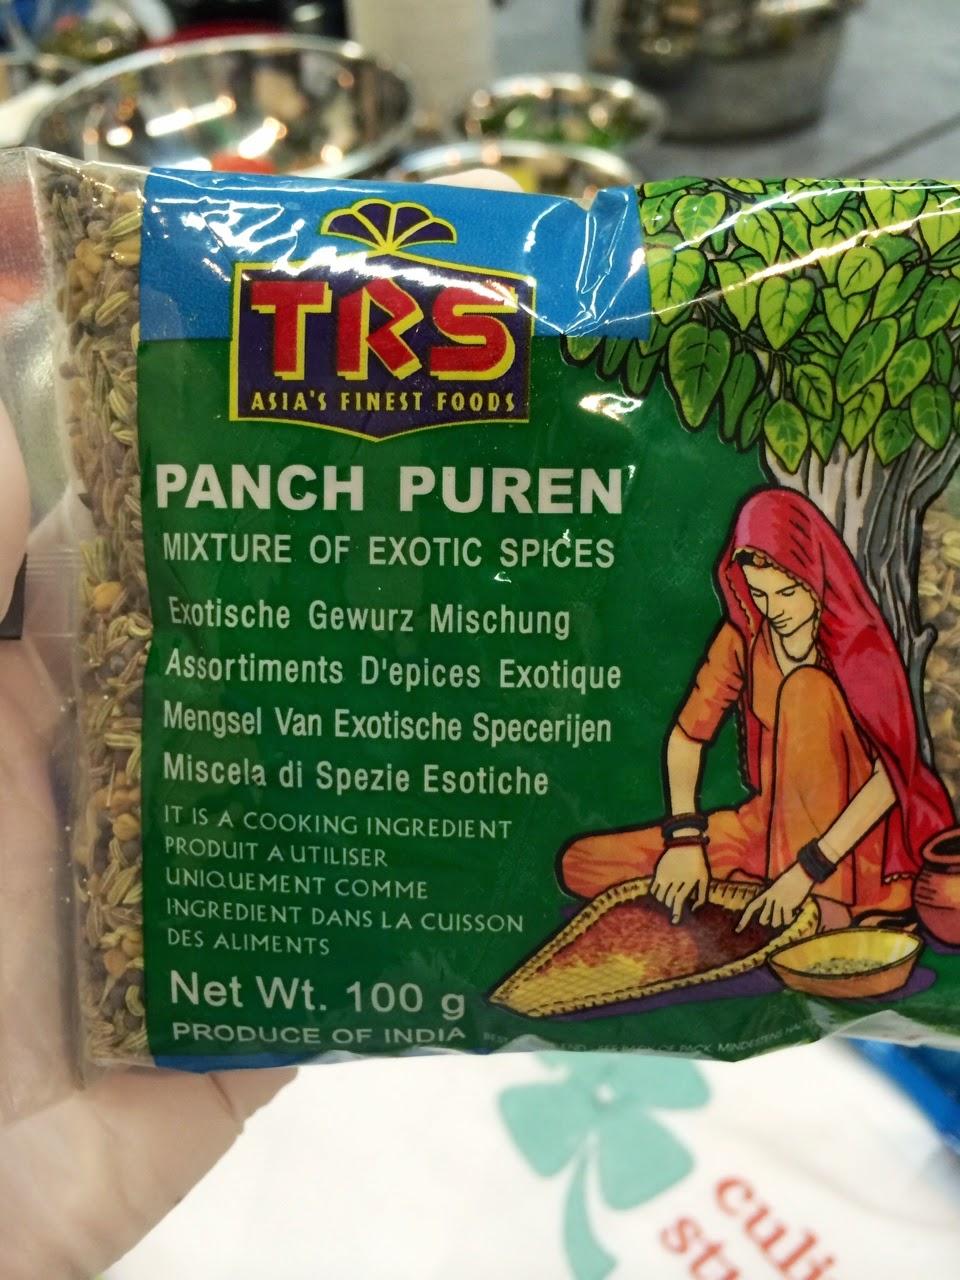 панч пурен, paanch phoran, panch puren